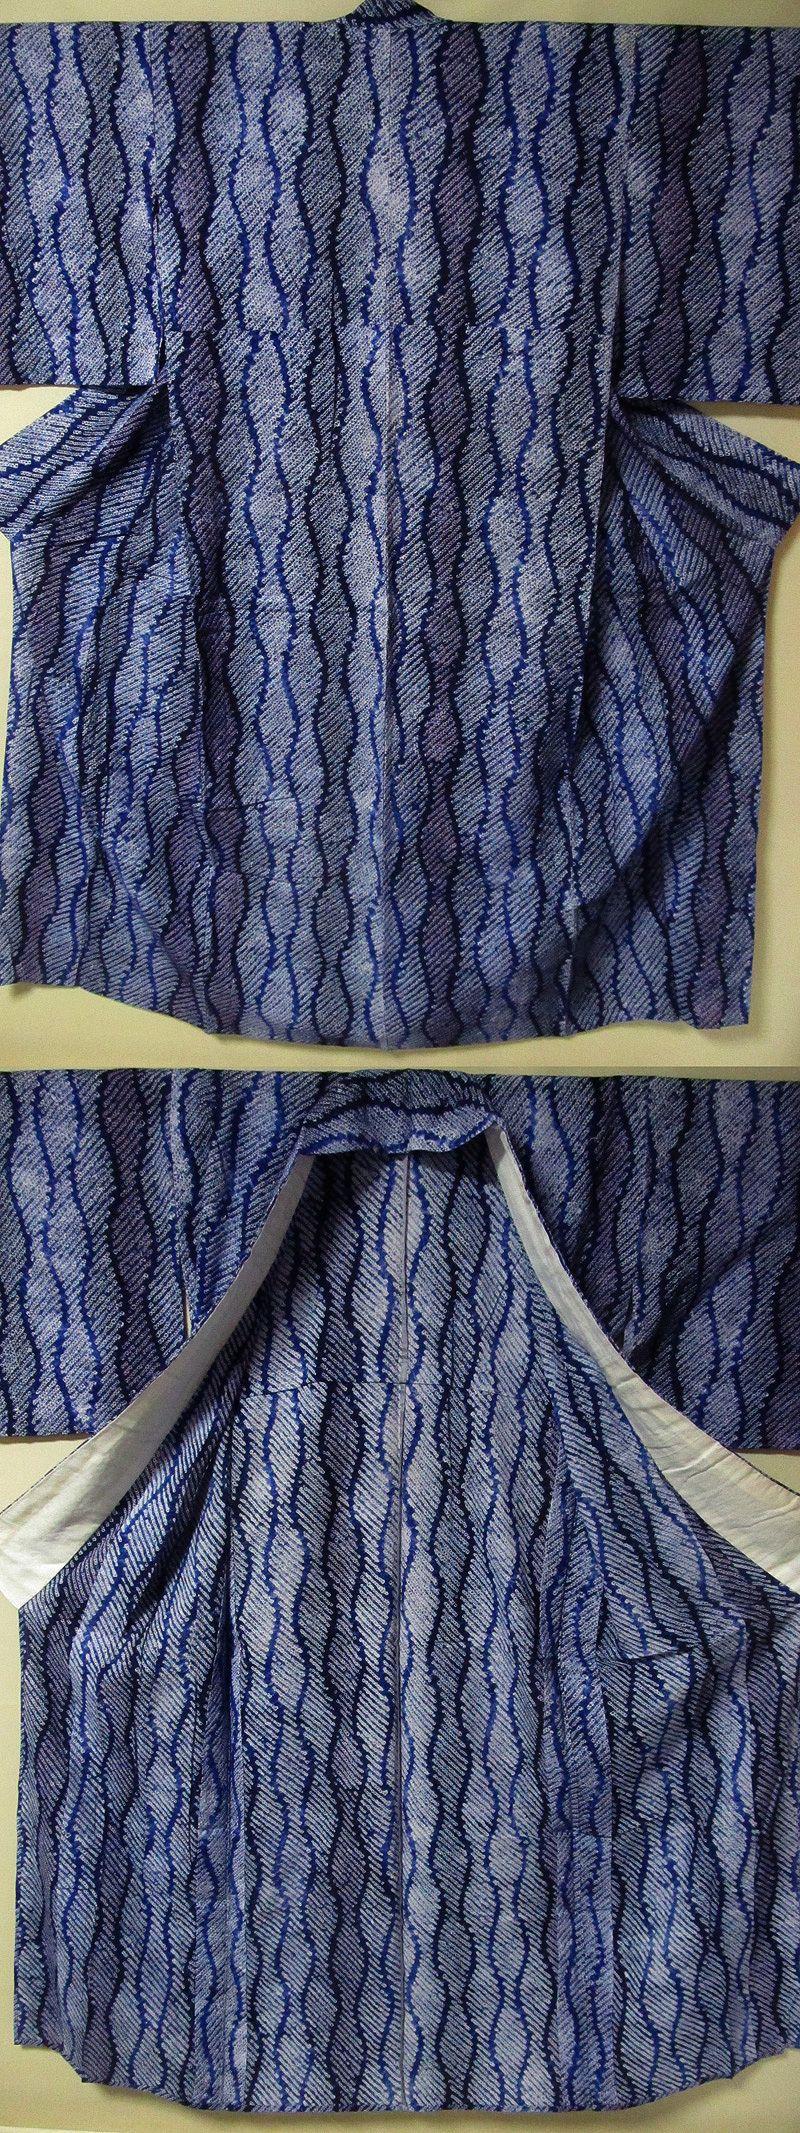 出品タイトル先頭3桁番号は管理用です。 276 有松絞り 浴衣 立湧 よろけ縞 極上美品 身丈158㎝ 裄65㎝ 流行と無関係の古典柄です。…